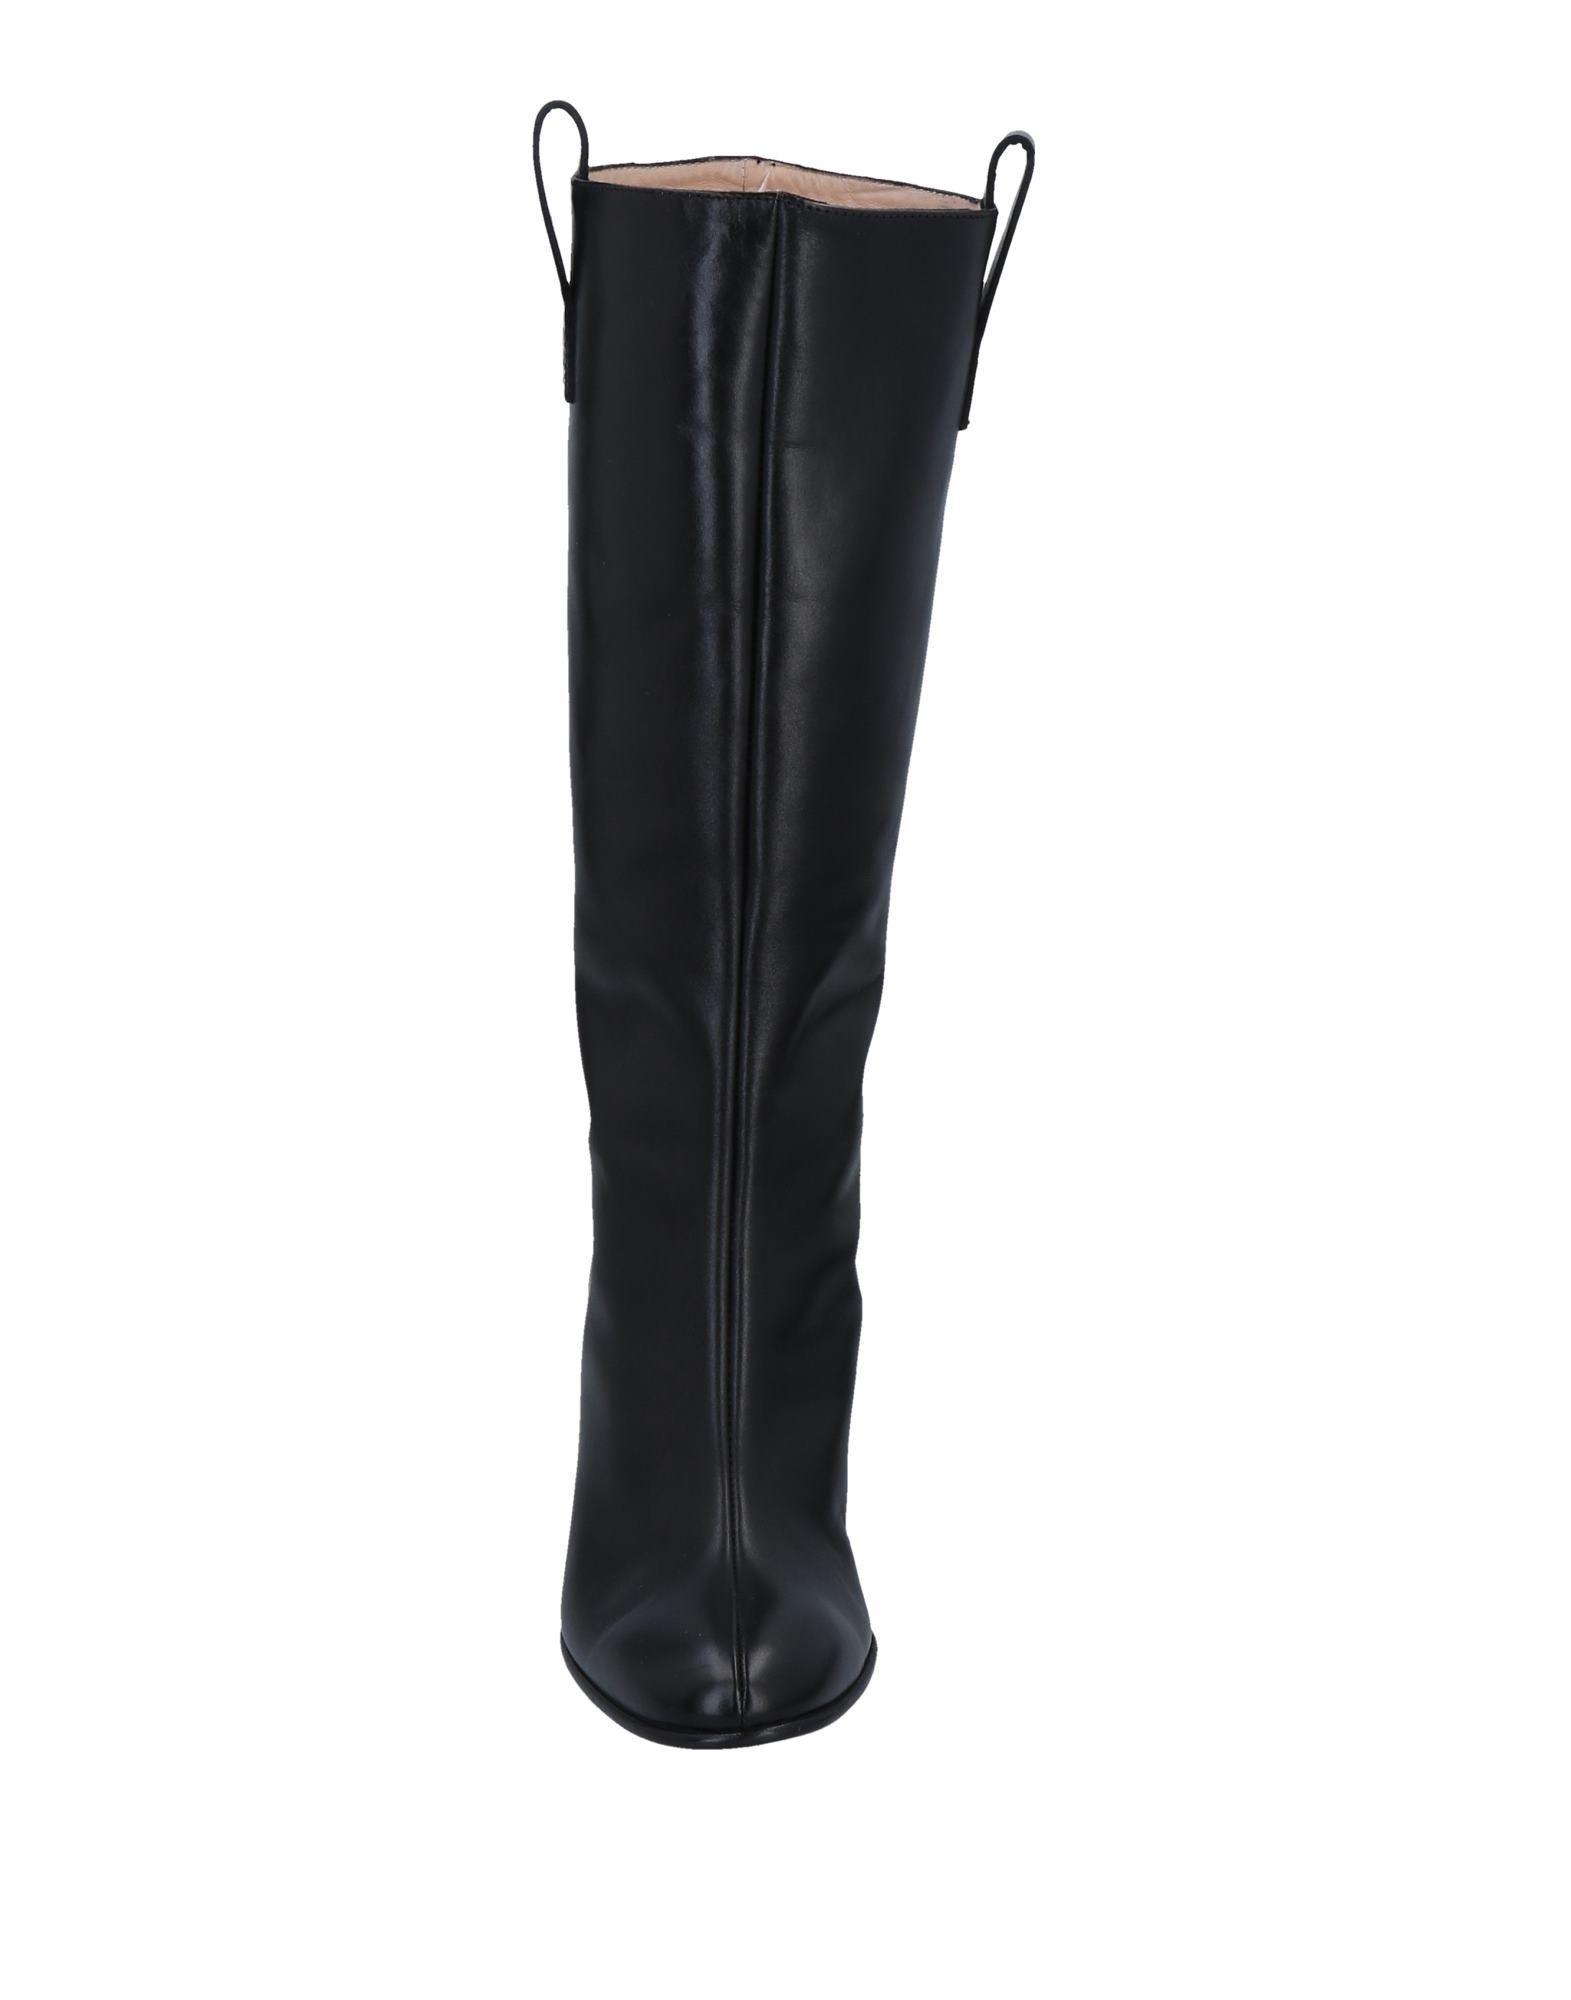 Acne Studios Stiefel Damen  11507651KIGünstige gut aussehende Schuhe